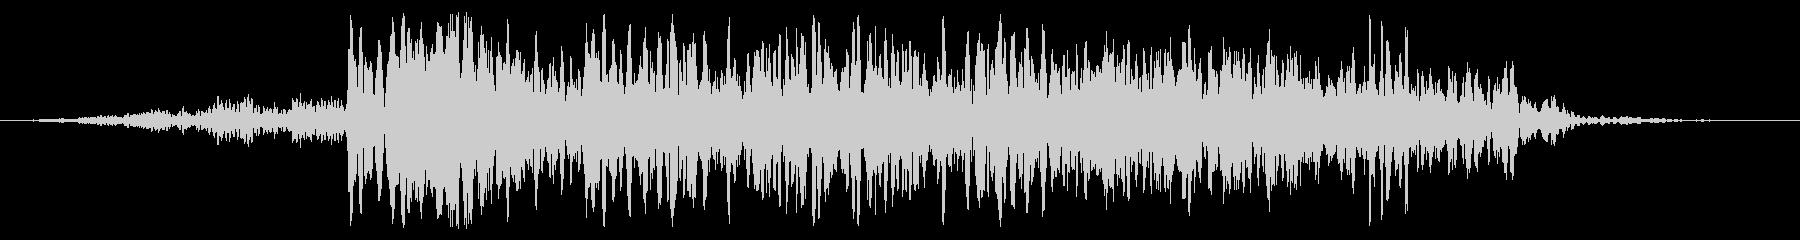 巨大スタンプ変換の未再生の波形